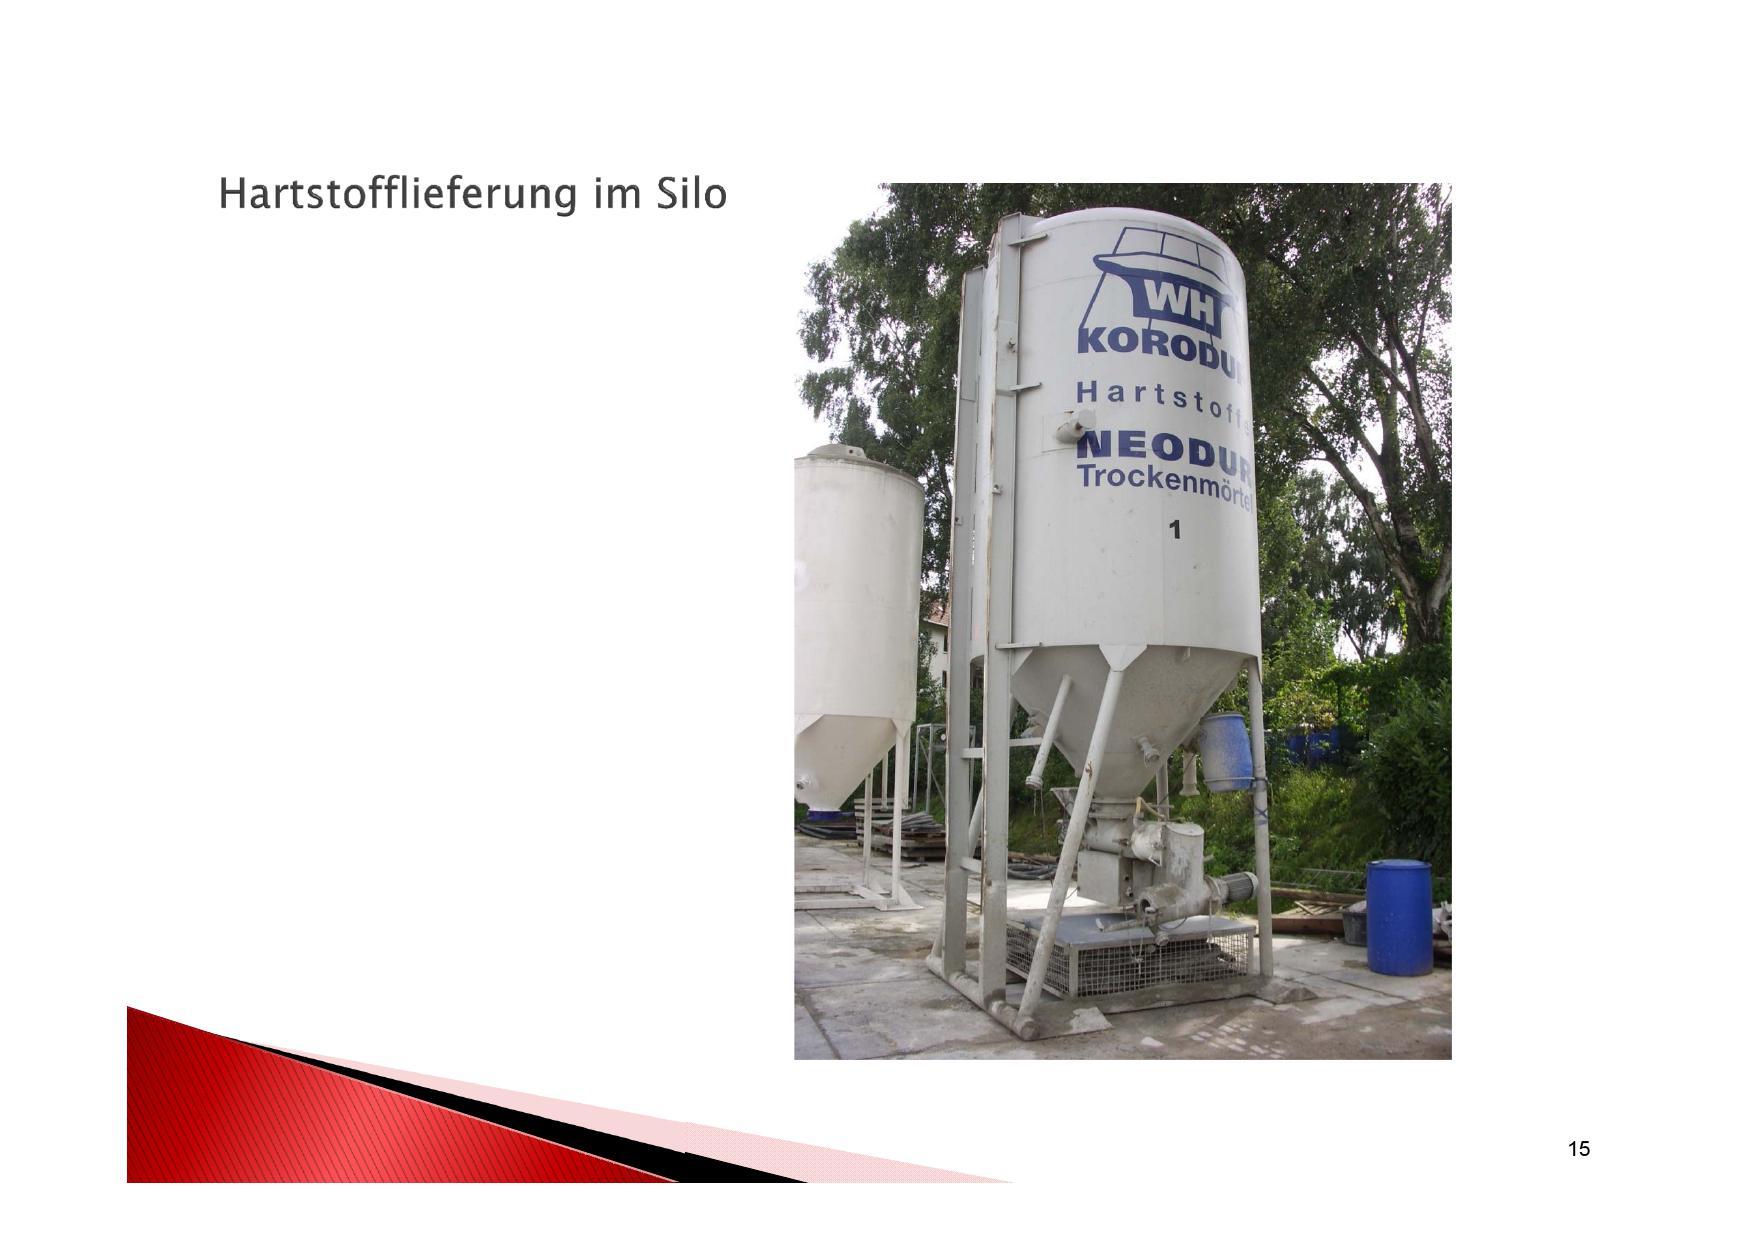 Anlieferung des Hartstoffs für Hartbetonoberfläche im Silo